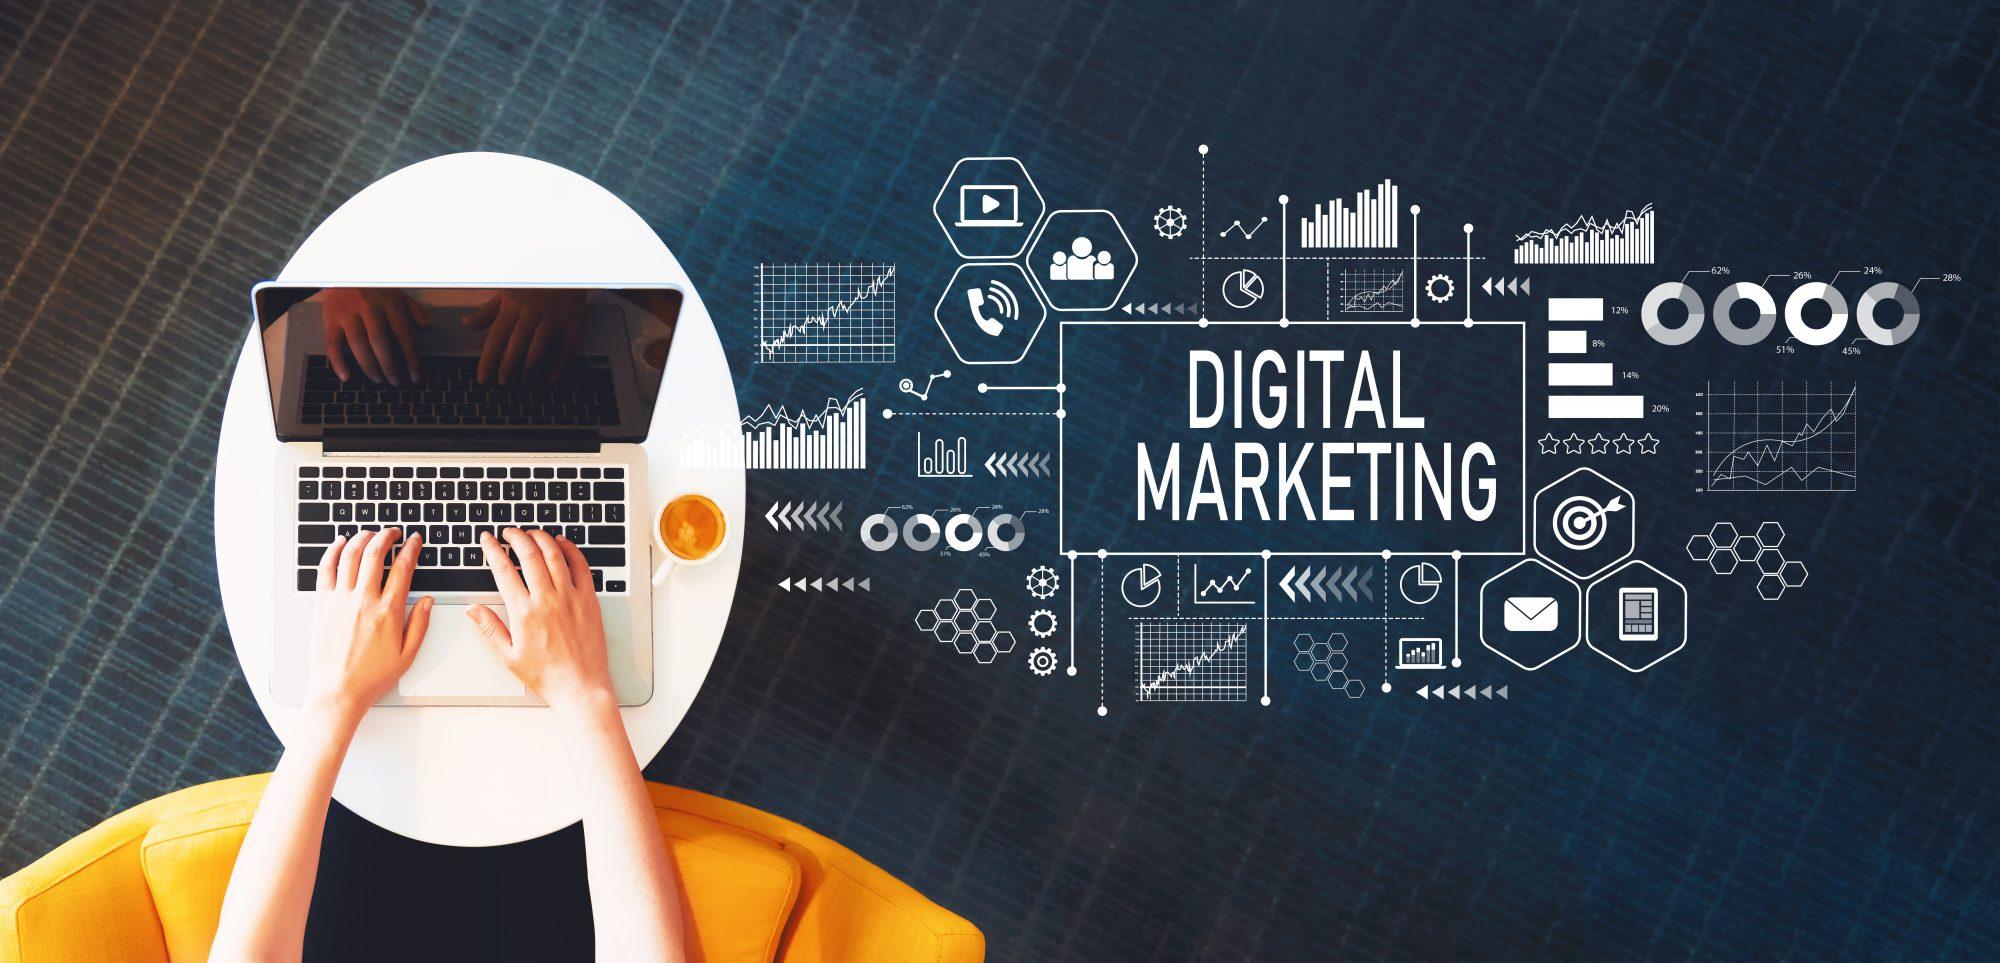 中小企業が取り組めるBtoBデジタルマーケティングについて